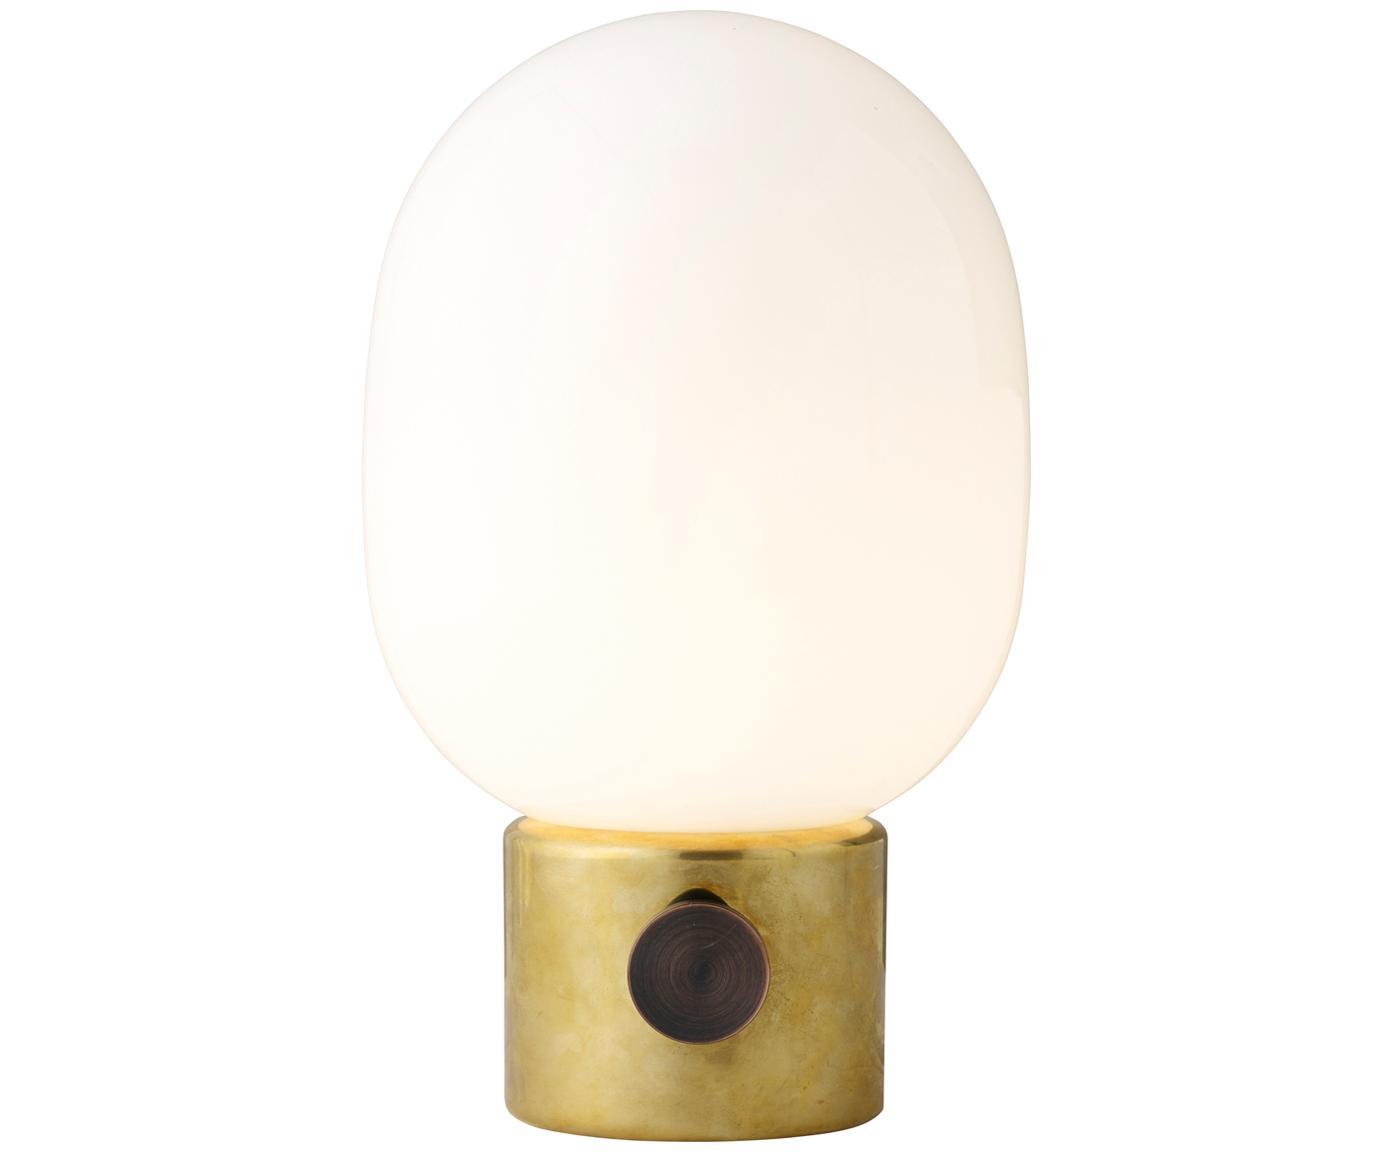 Kleine Tischleuchte JWDA Metallic Polished Brass, Lampenfuß: Messing, Stahl, poliert, Lampenschirm: Glas, Lampenfuß: Messing, Stahl, poliert<br>Lampenschirm: Weiß, Ø 17 x H 29 cm